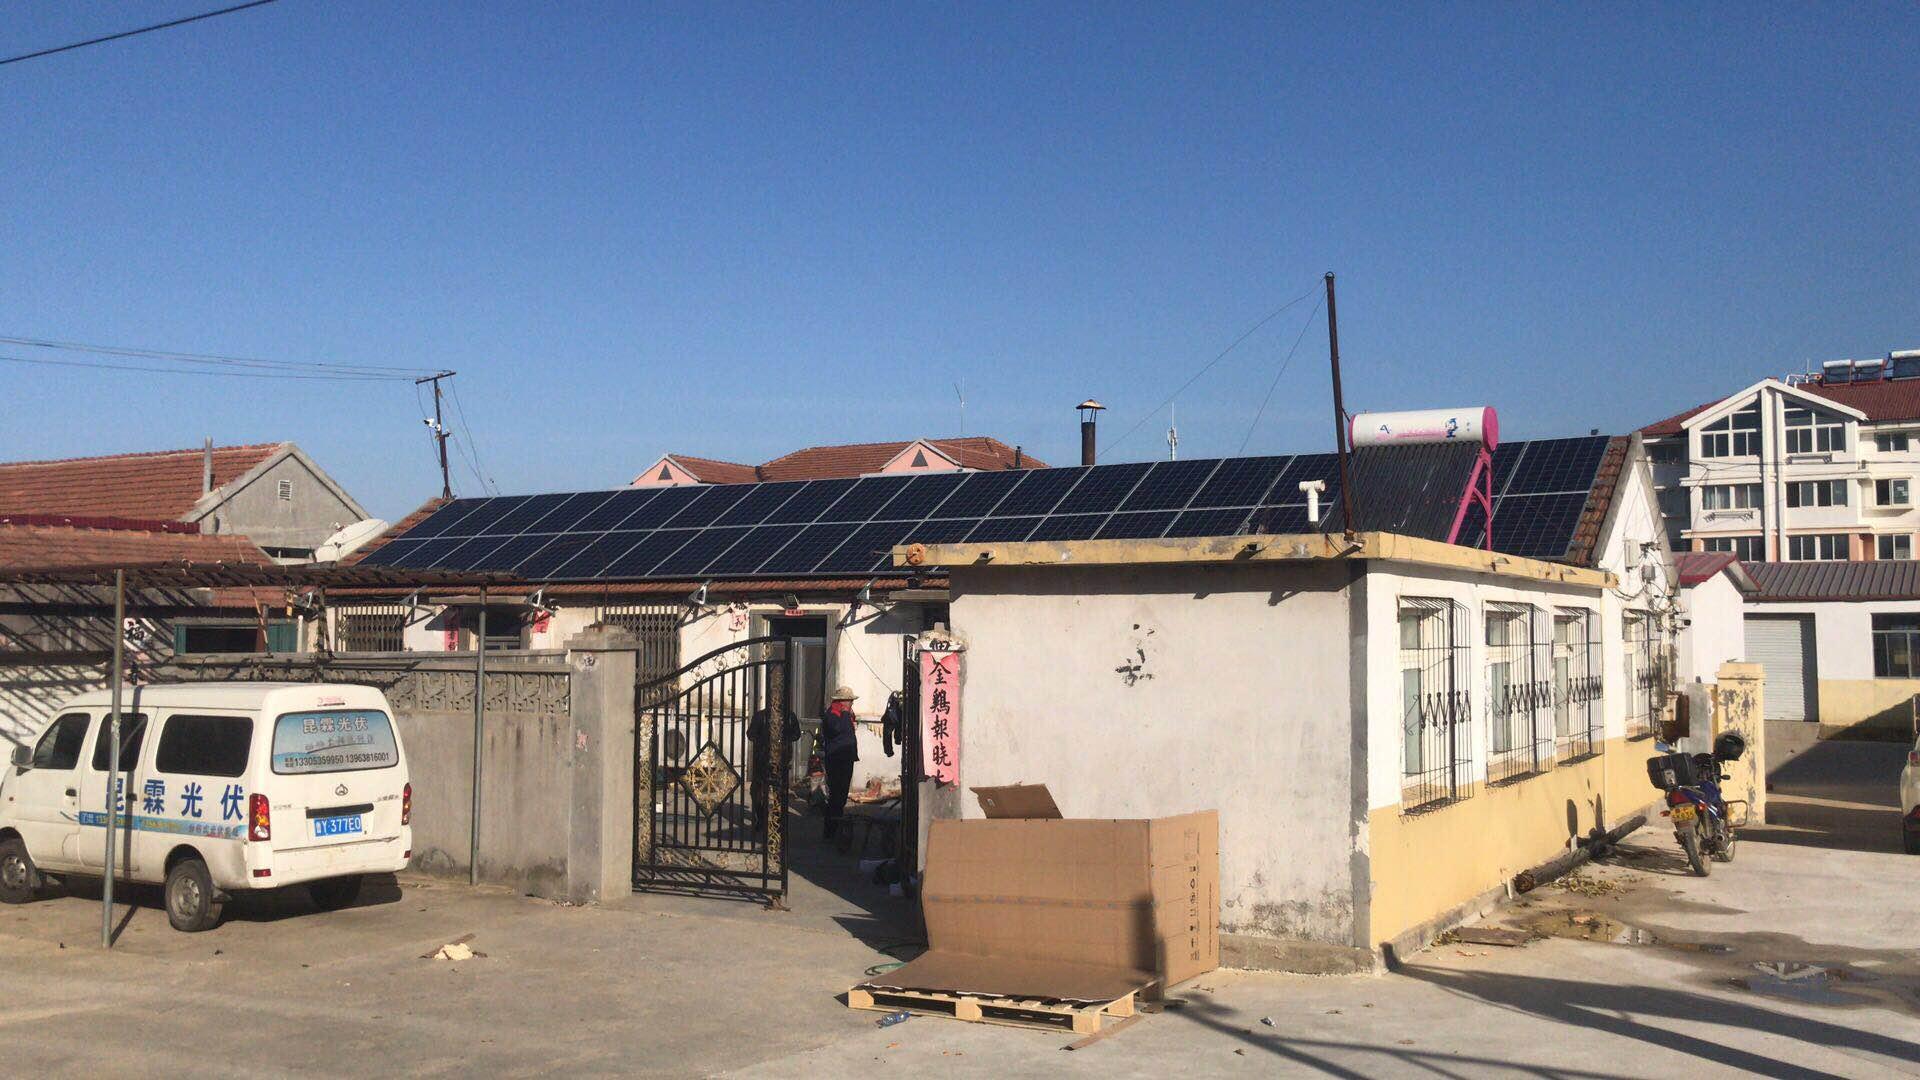 莱山区南陈家疃10.8kw太阳能项目